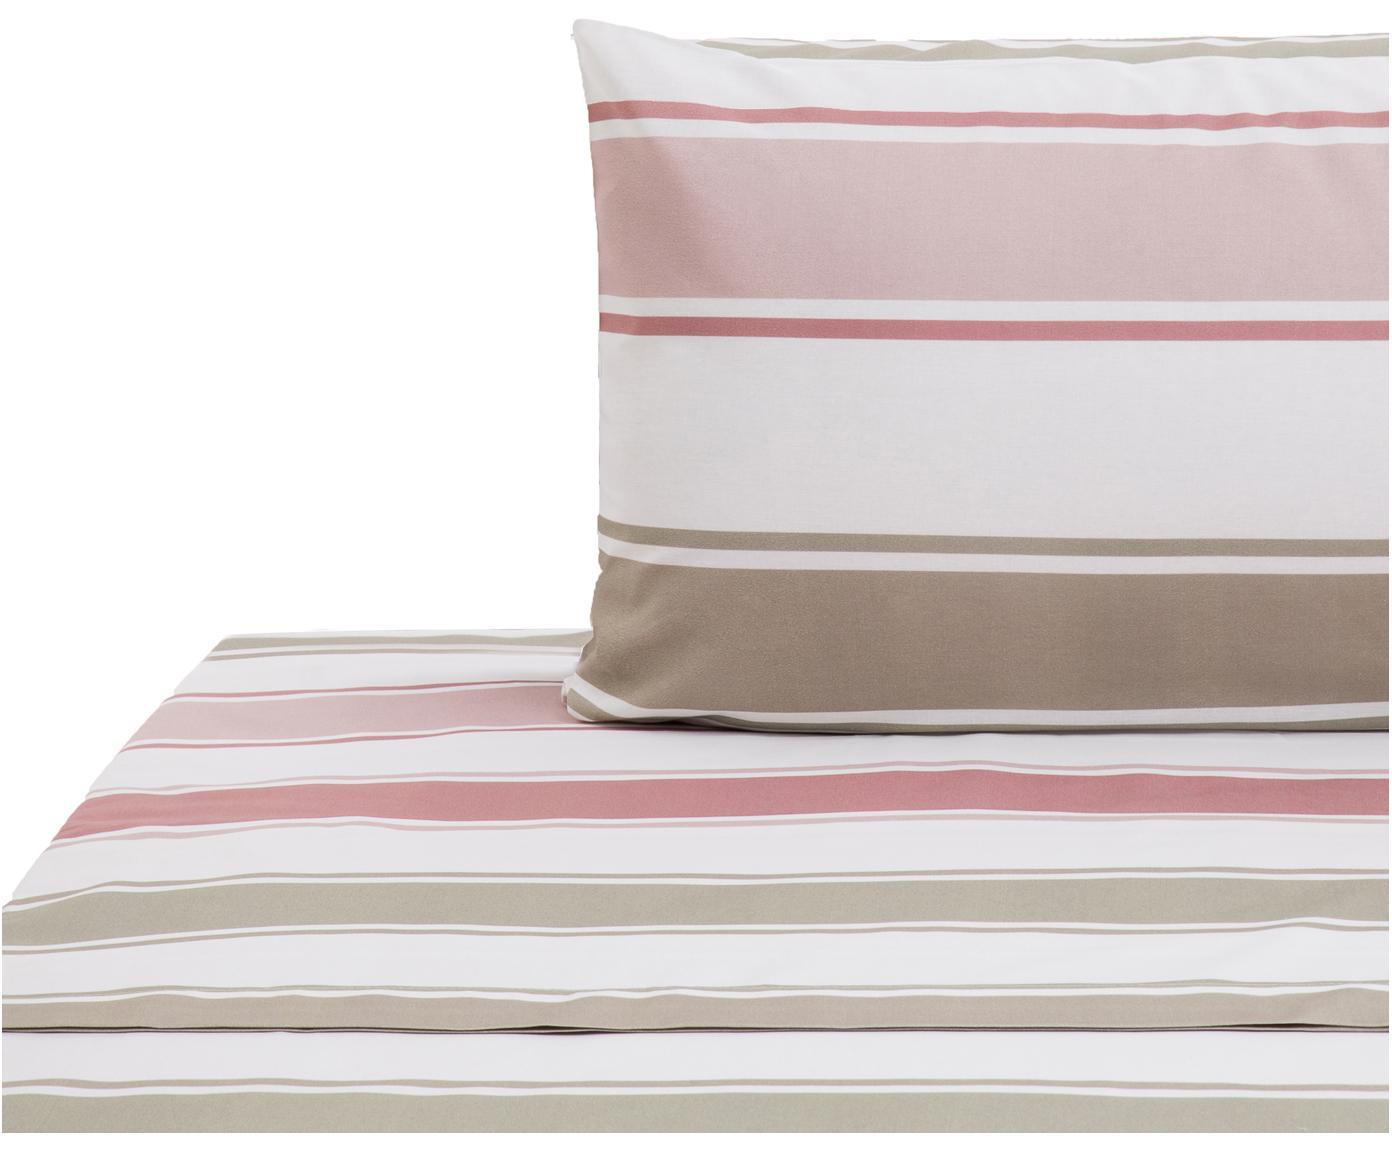 Set lenzuola in cotone Cappo 2 pz, Cotone, Rosso, rosa, verde oliva, marrone chiaro, bianco, 160 x 270 cm